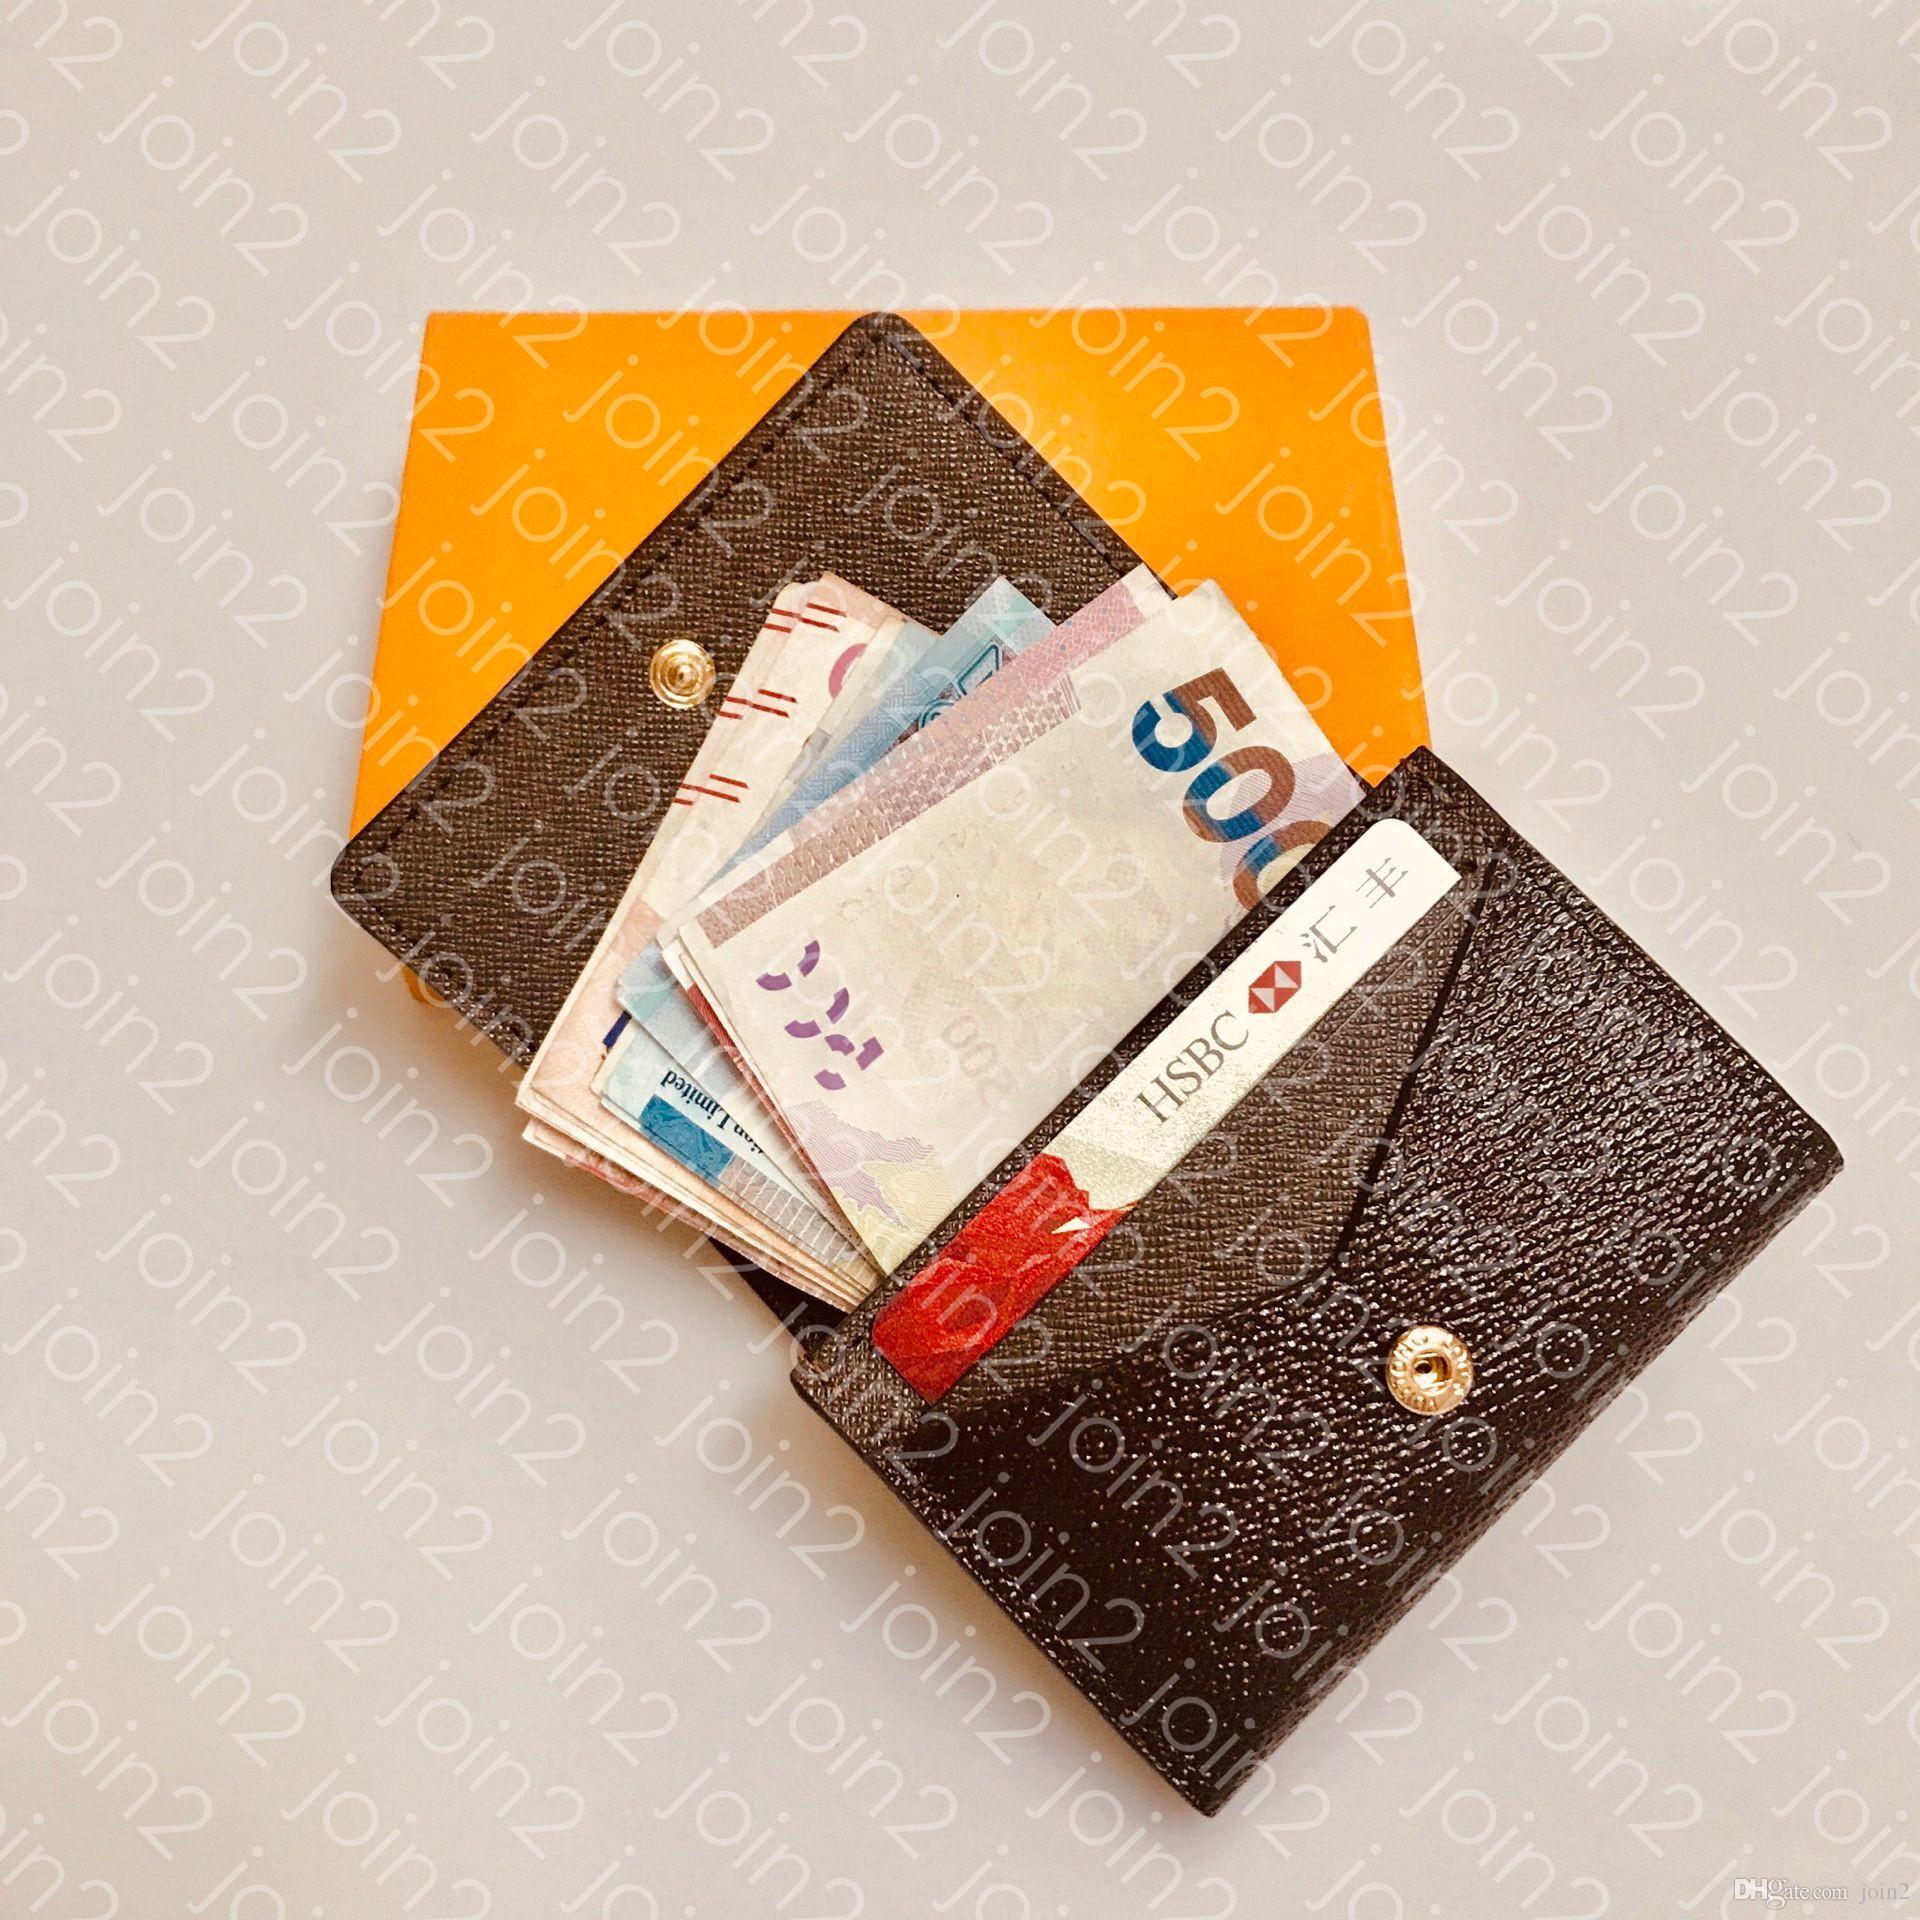 ENVELOPPE carte de visite M63801 diseñador de moda de los hombres de negocios de la moneda tarjeta de crédito de entradas clave de caso Holder lujo Organizador de bolsillo N63338 Monedero